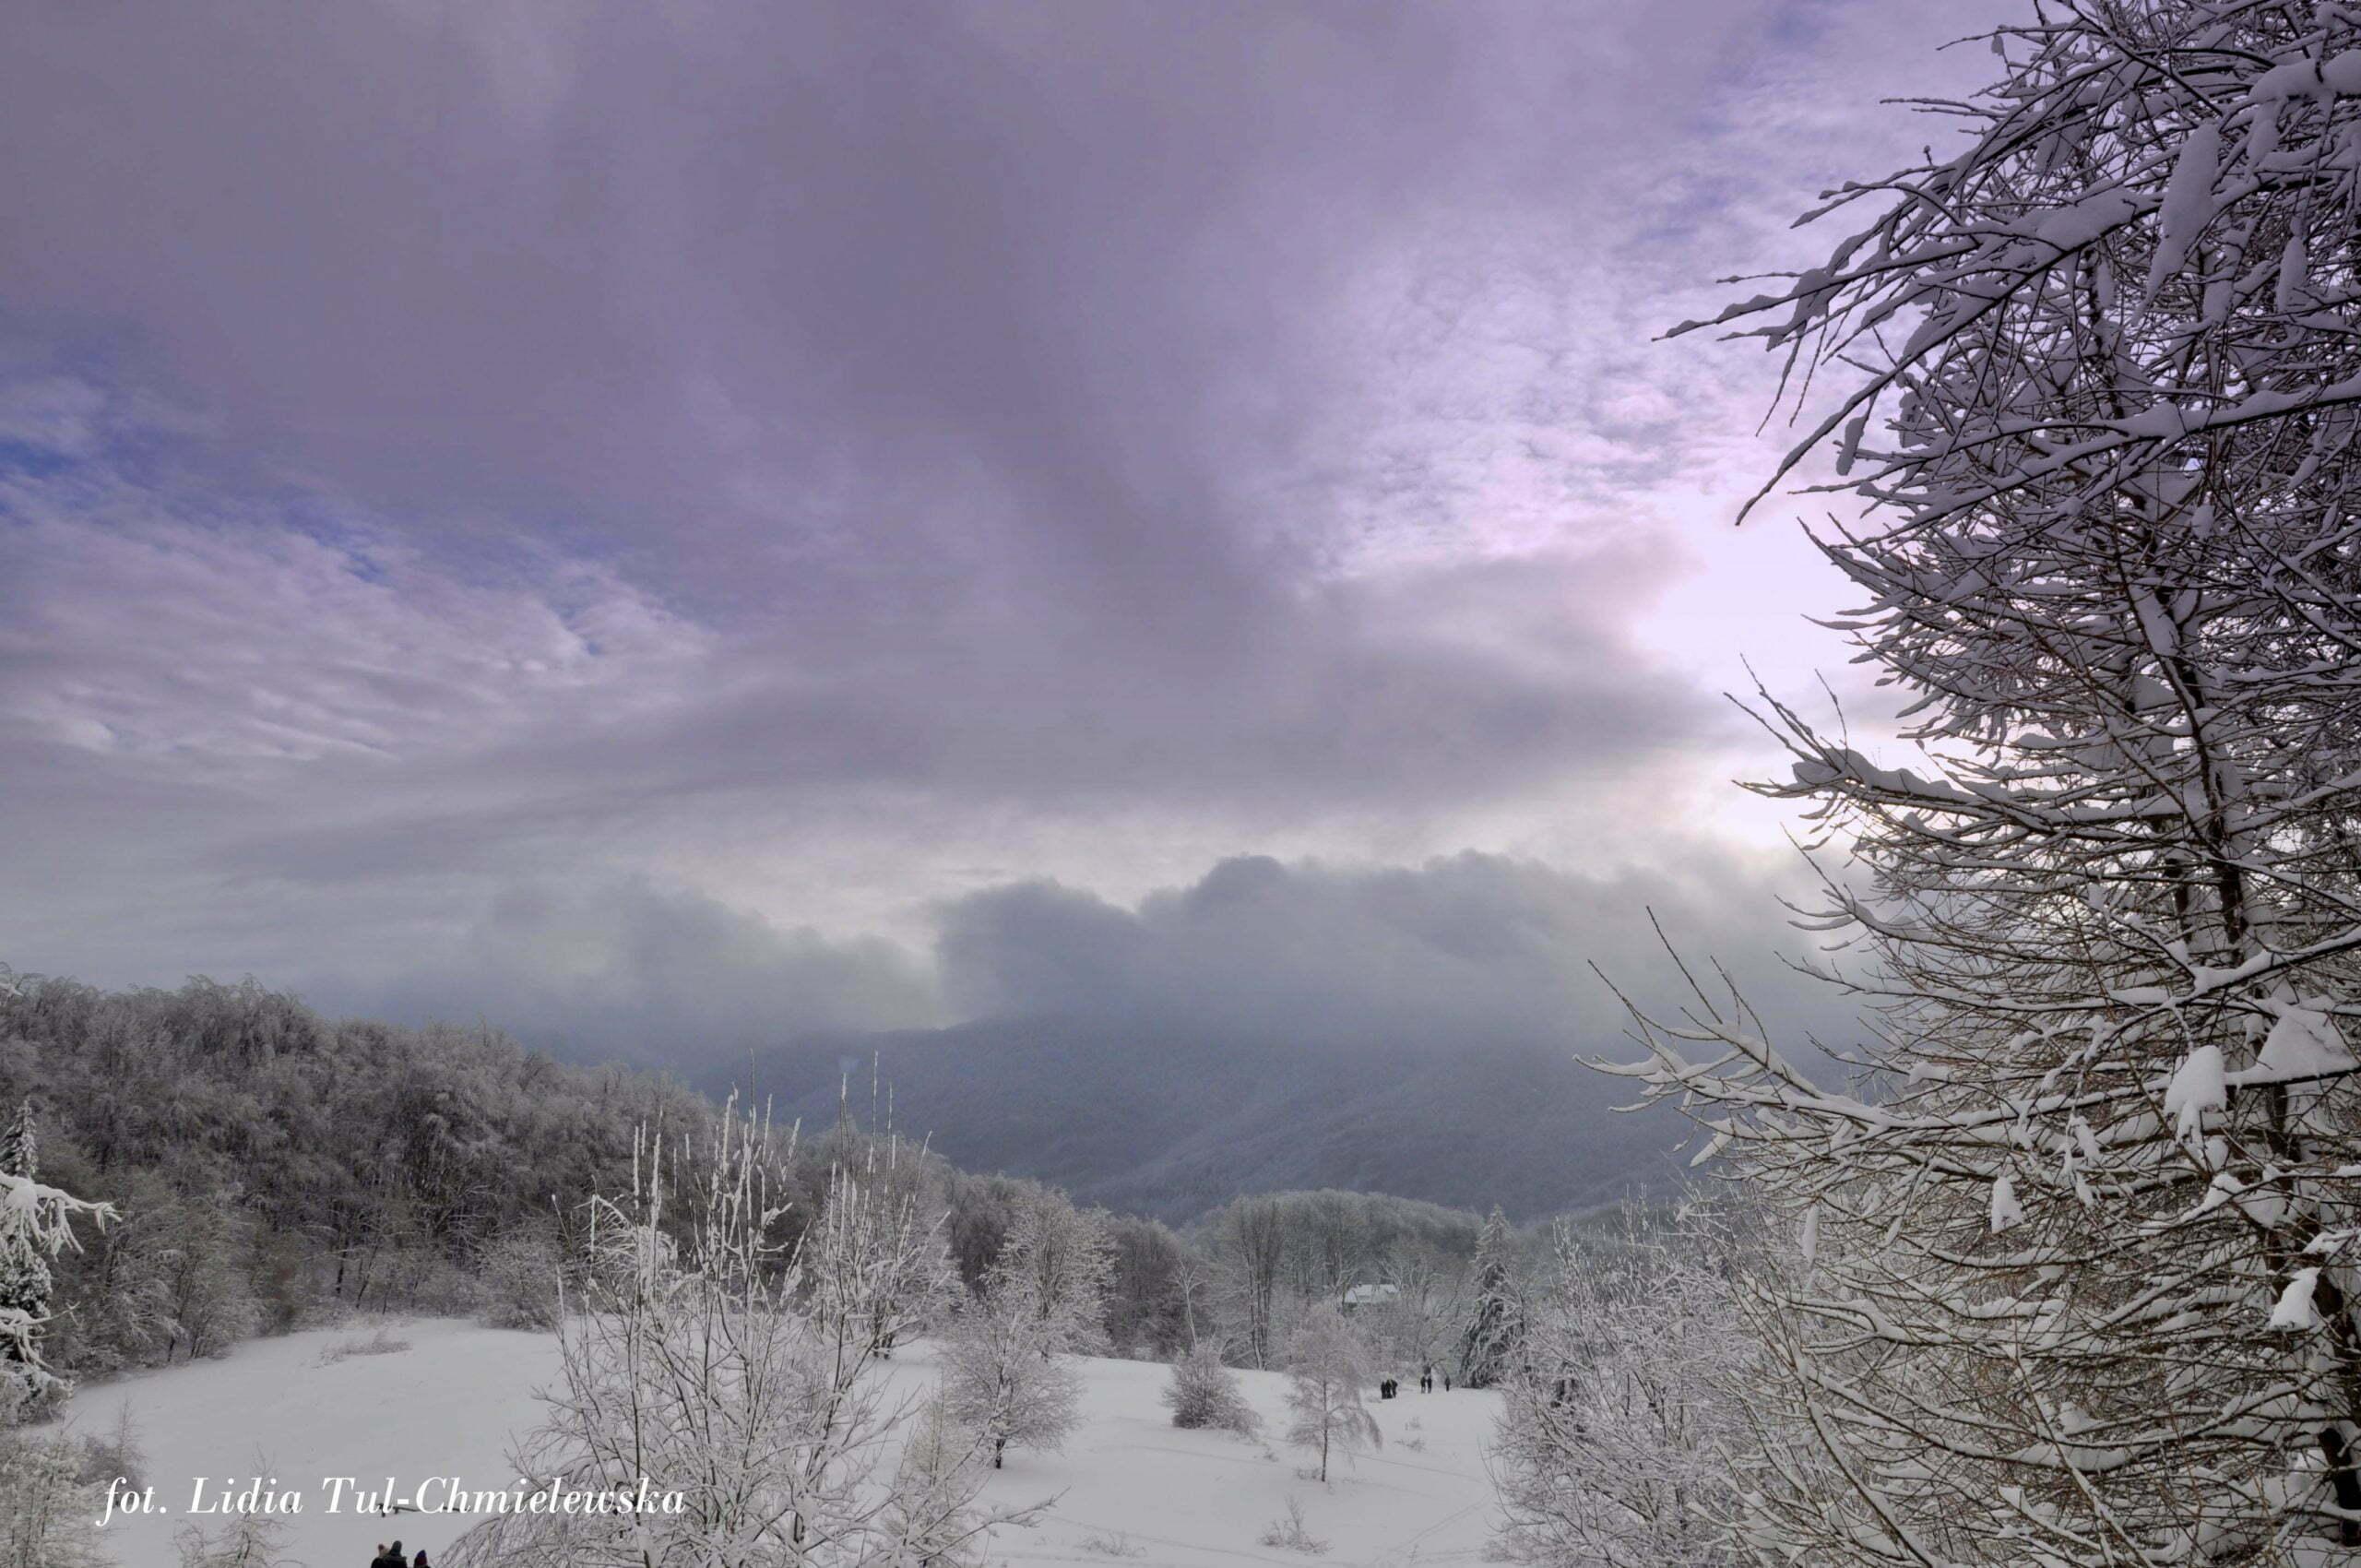 Pogoda zimą w Bieszczadach jest kapryśna fot. Lidia Tul-Chmielewska